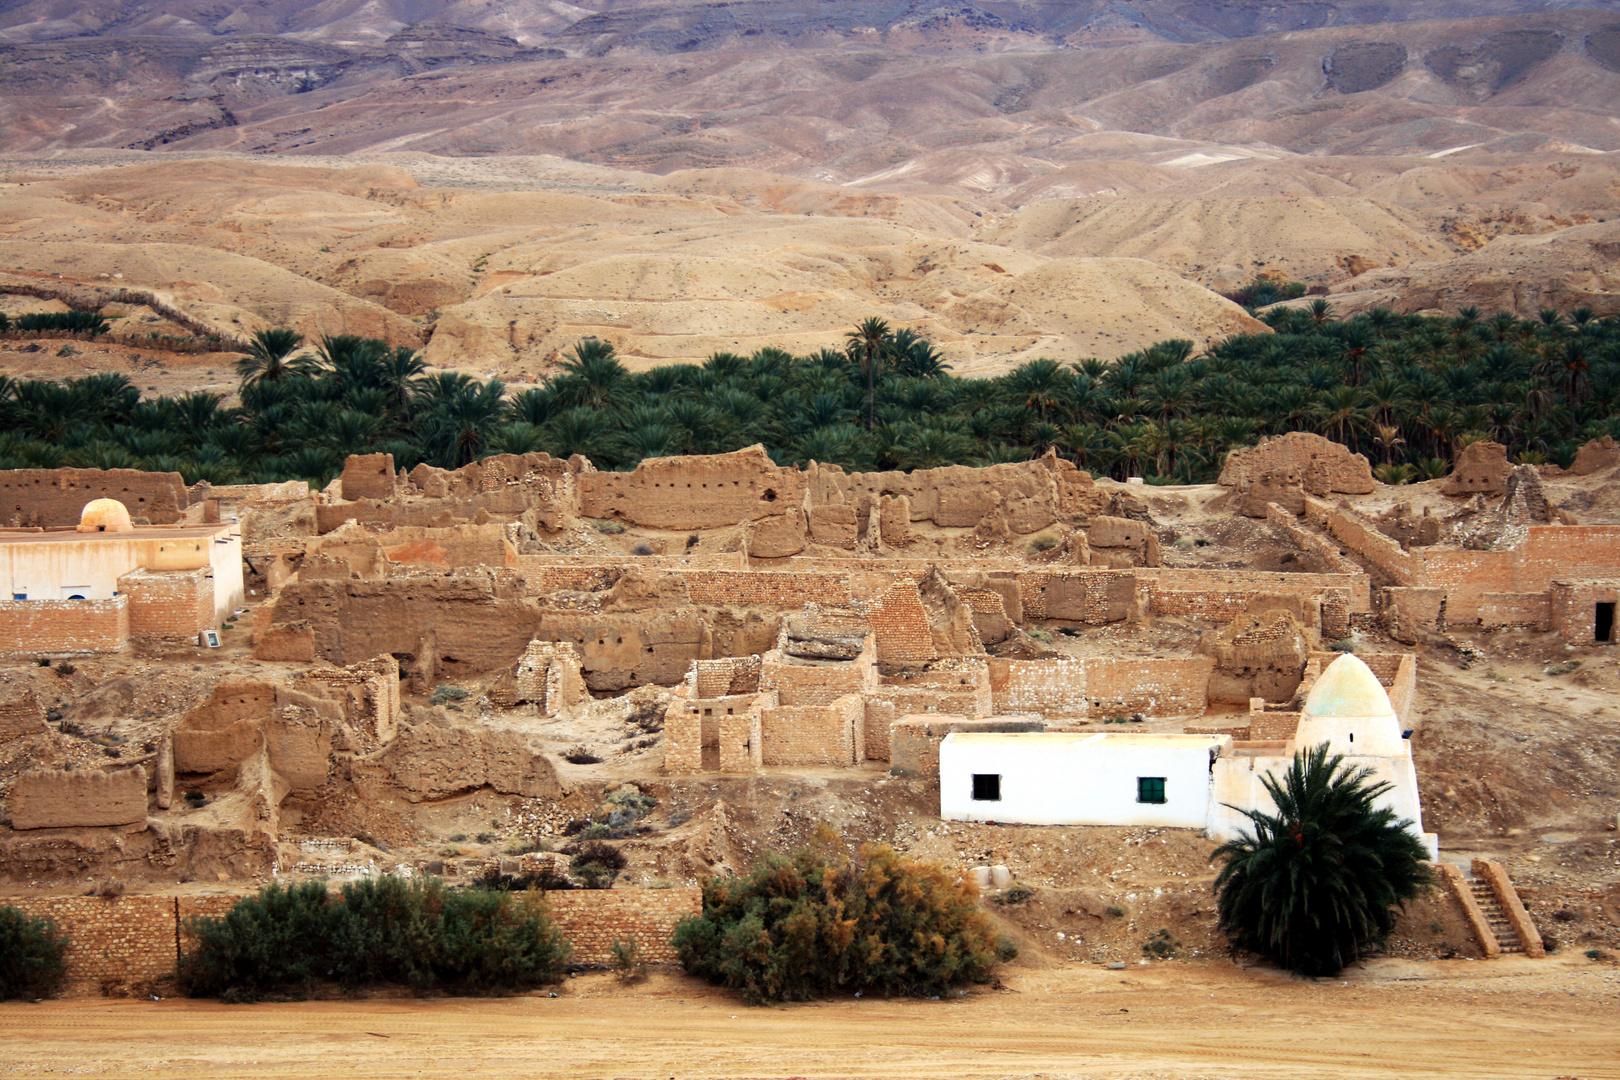 Stadt in der Wüste